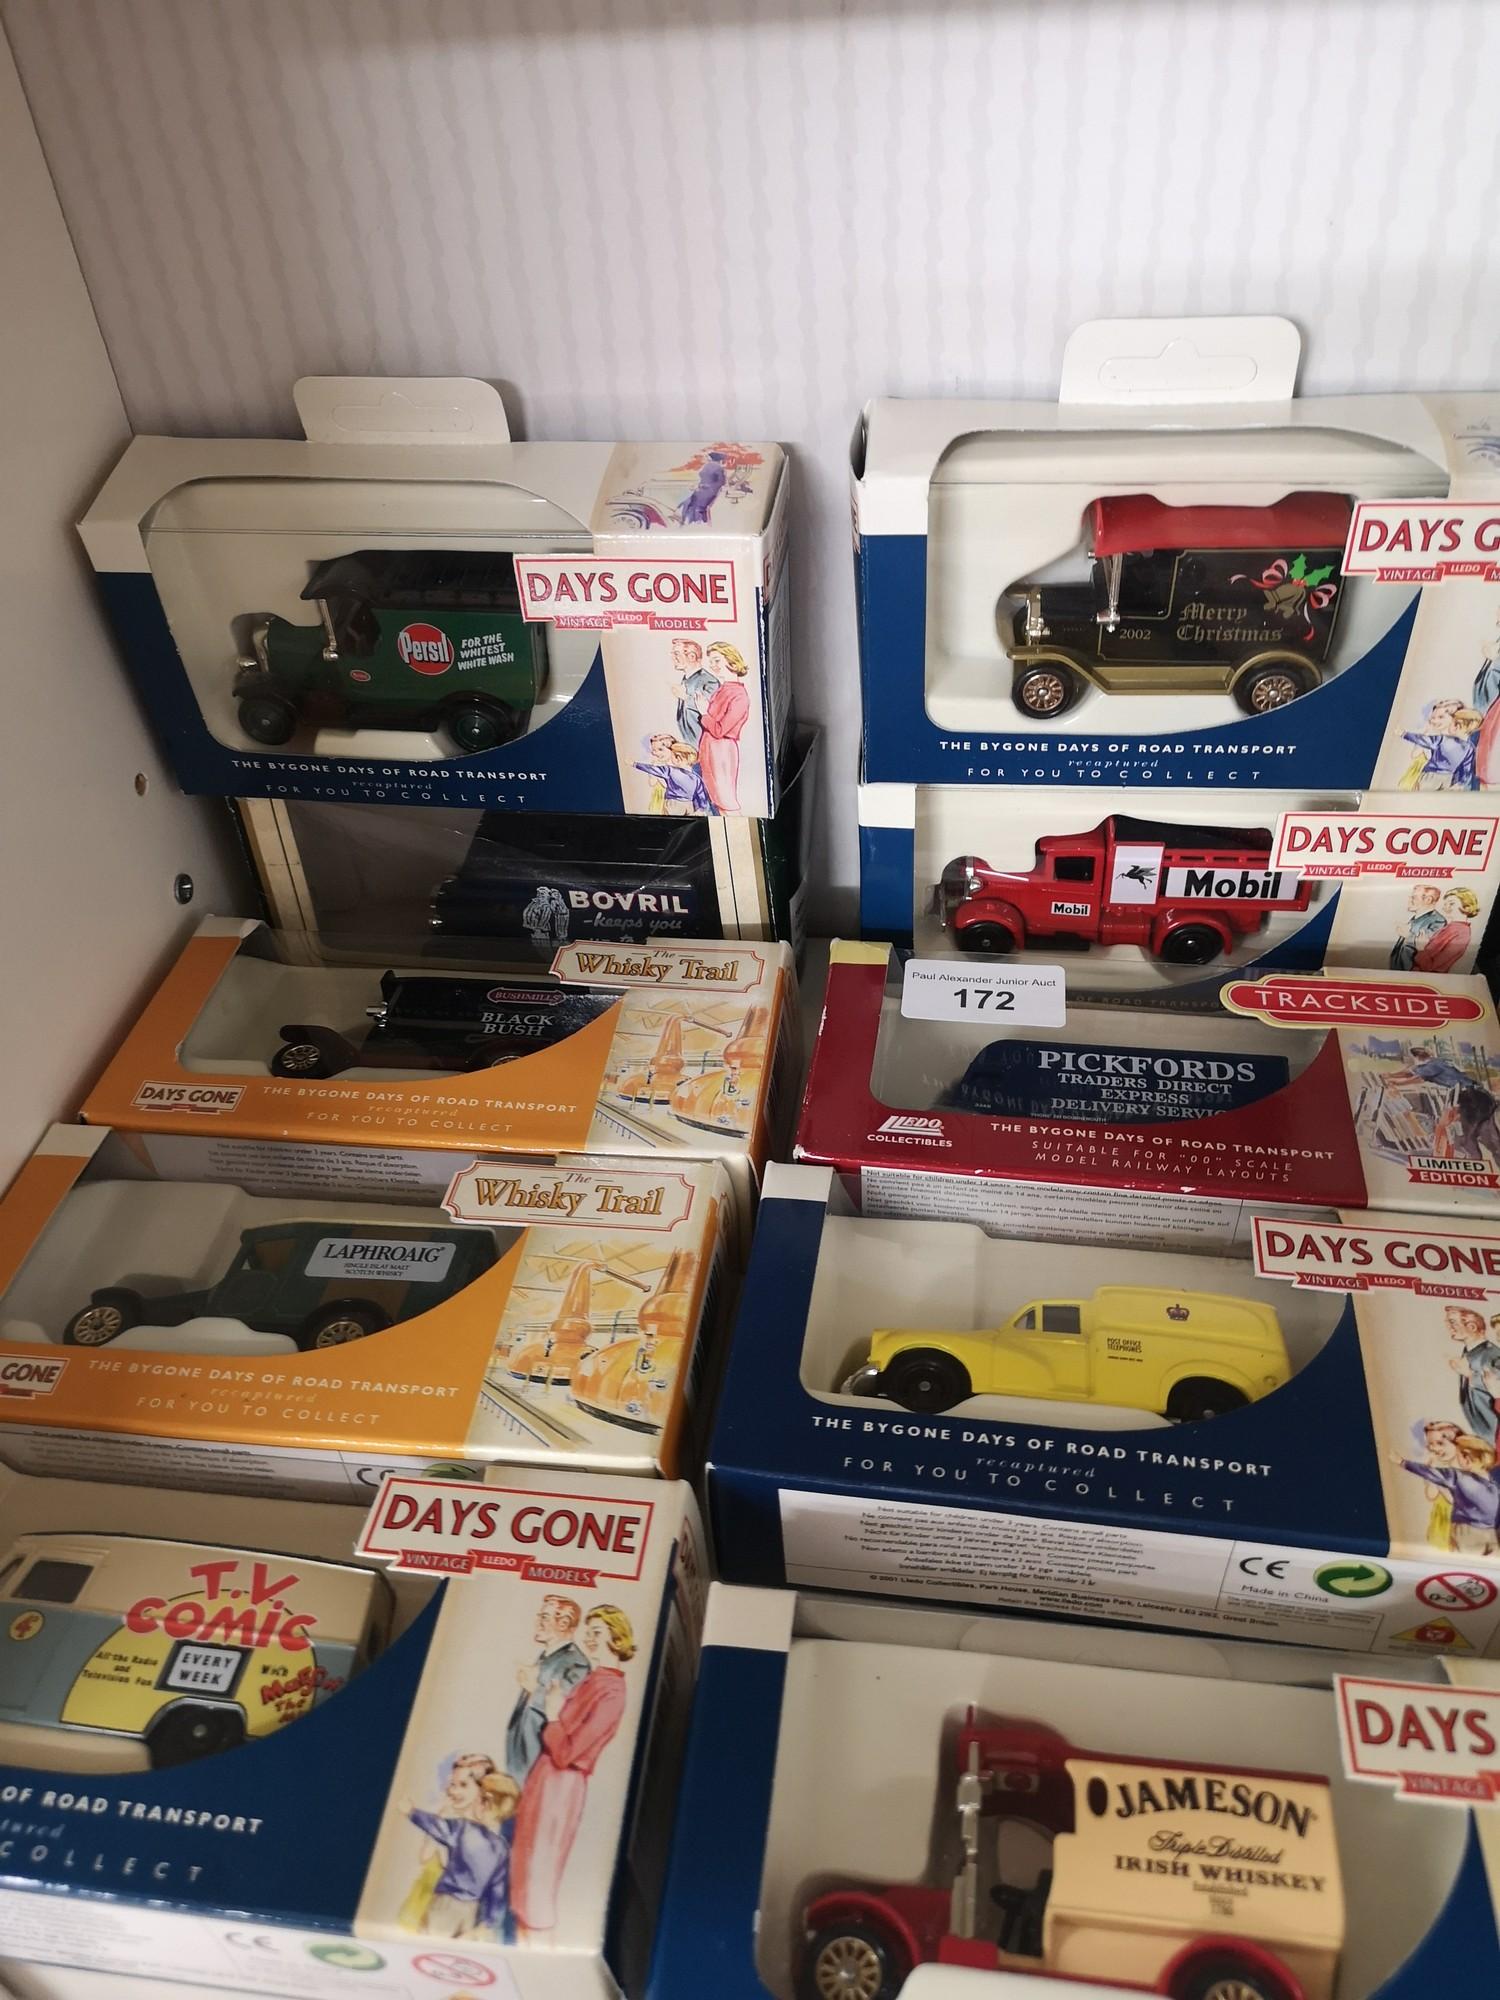 Shelf of days gone models. - Image 2 of 4